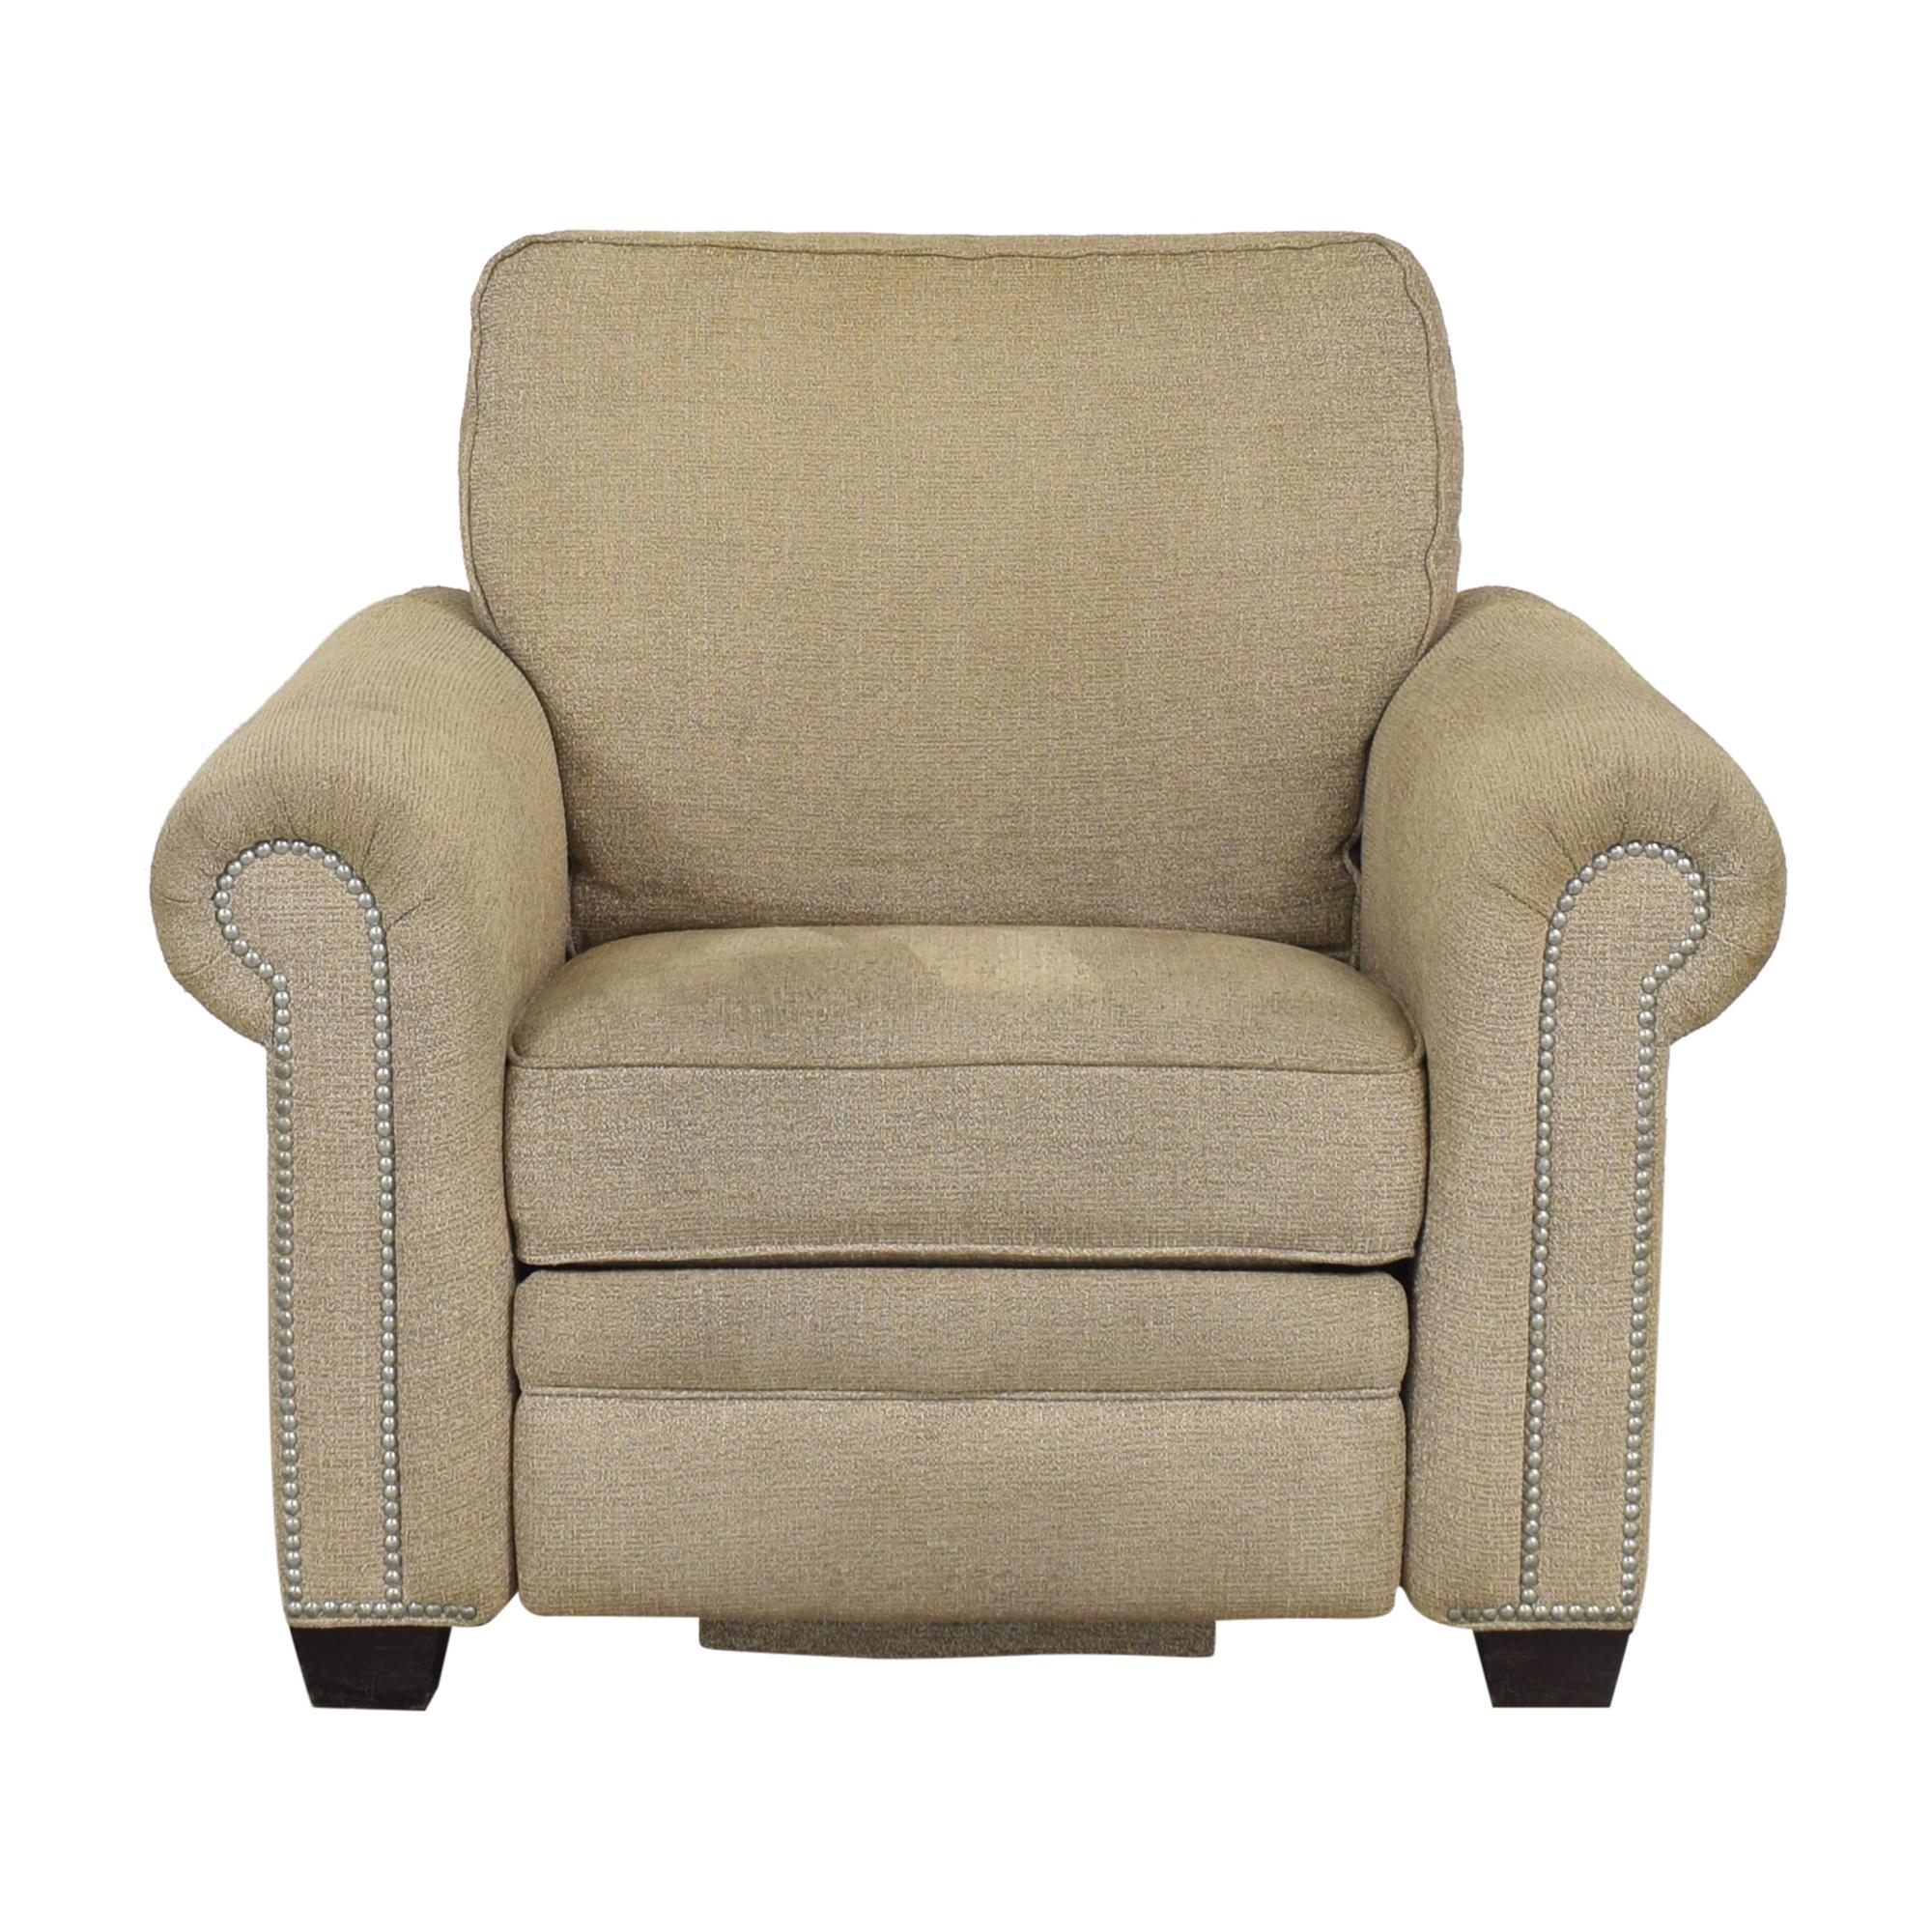 Ethan Allen Ethan Allen Recliner Chairs